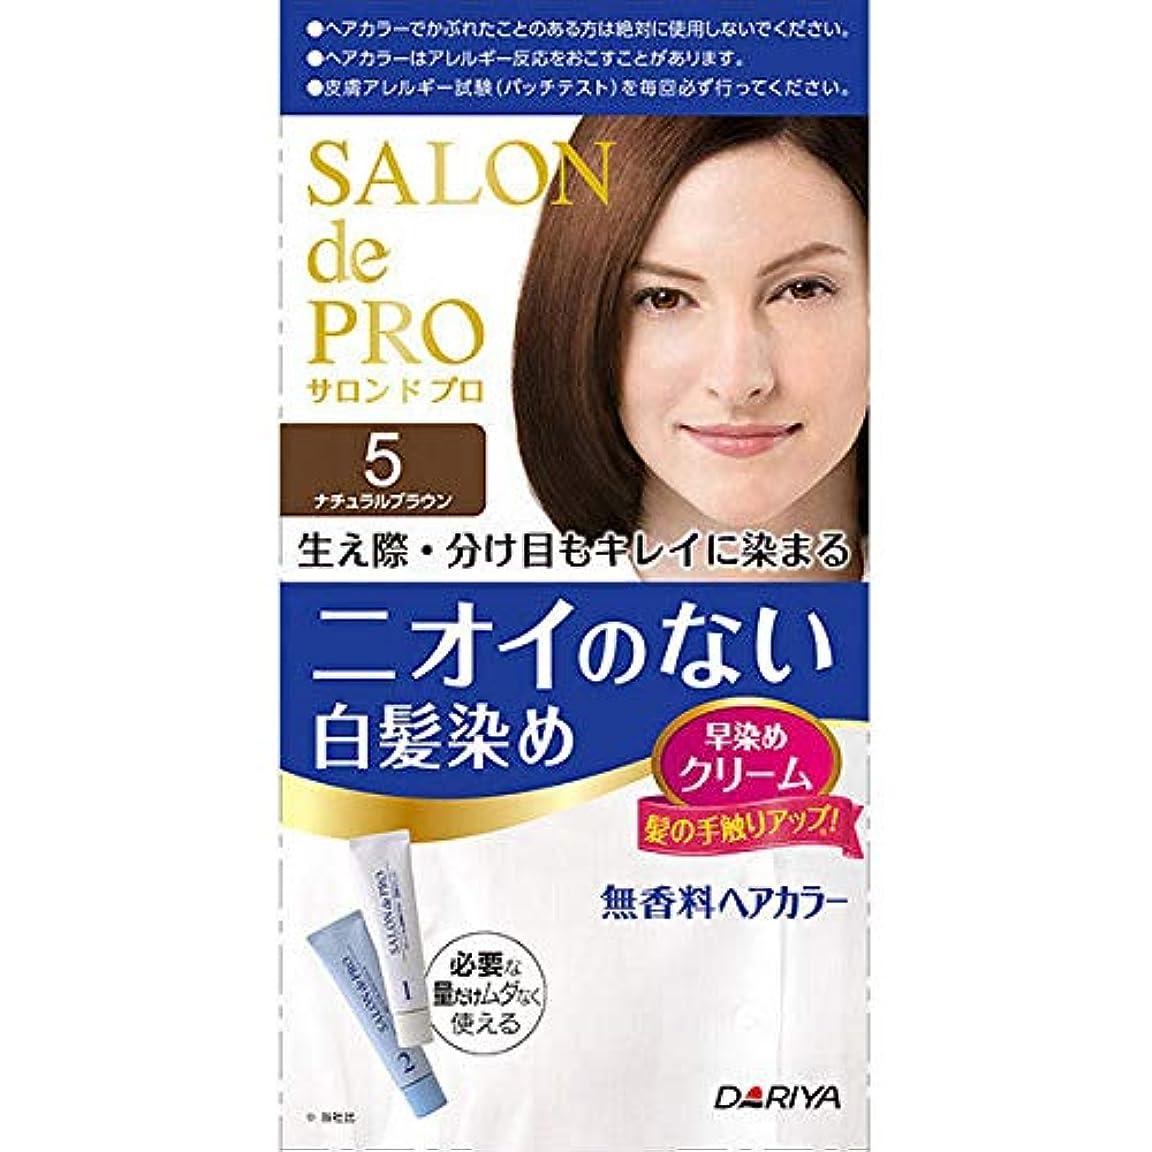 州できれば硬いダリヤ サロン ド プロ 無香料ヘアカラー 早染めクリーム(白髪用) 5 ナチュラルブラウン 40g+40g